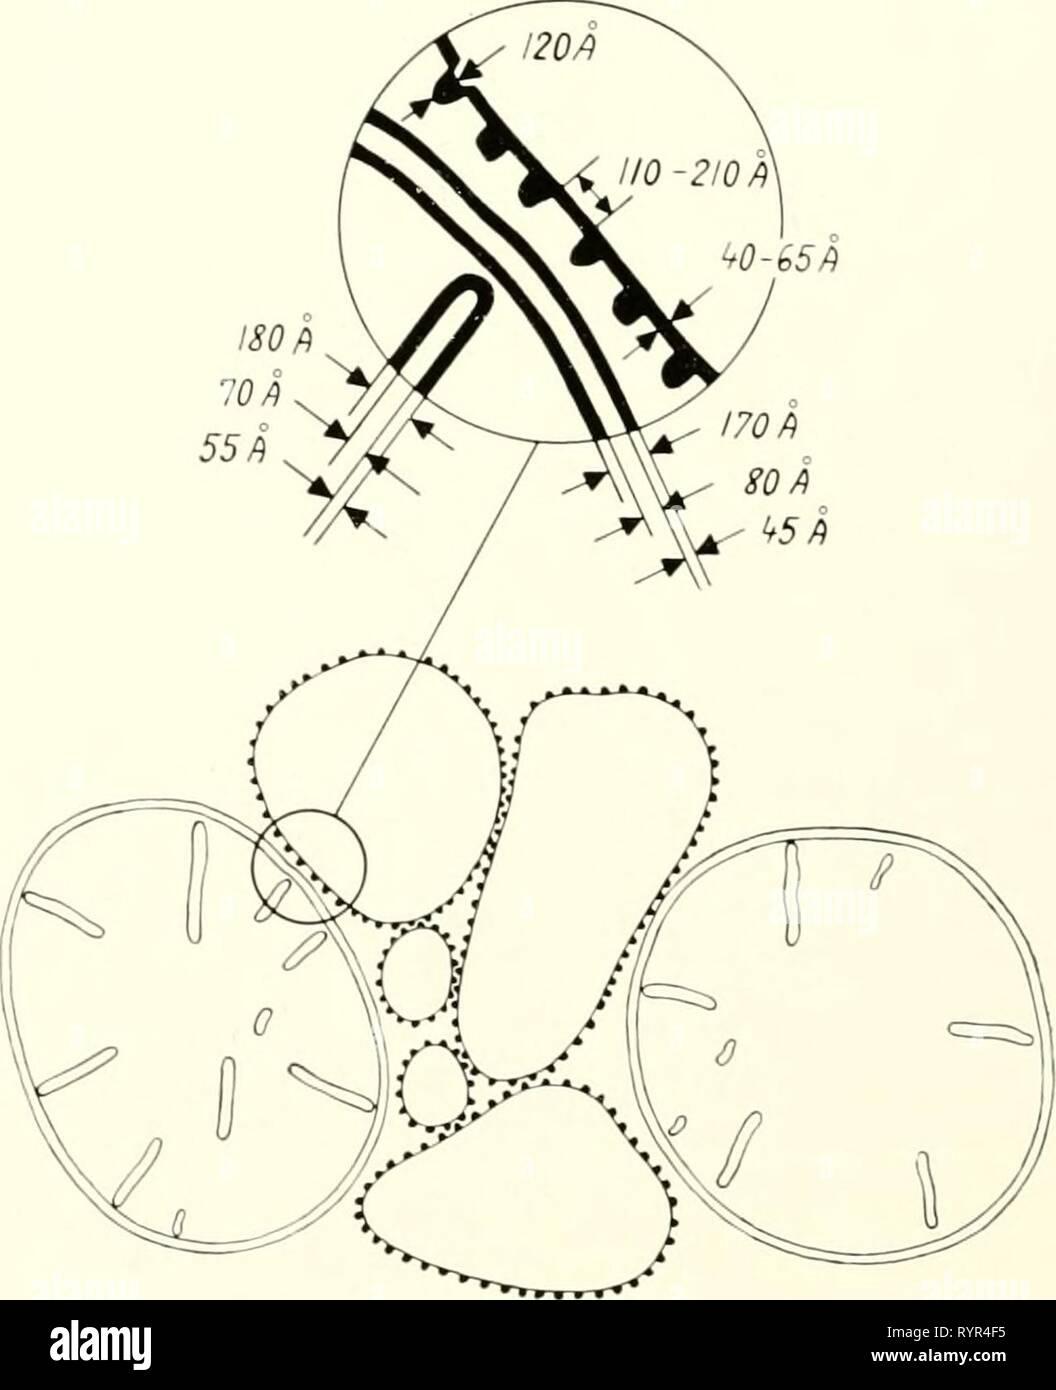 Electron microscopy; proceedings of the Electron microscopy; proceedings of the Stockholm Conference, September, 1956 . electronmicrosco00euro Year: 1957  Abb. 3. Schematische Darstellung der Modifikationen an den Mitochondrien und den a-Cytomembranen der Ratten- leber nach Behandlung mit Thyroxin. Links sind die normalen Verhaltnisse dargestellt. Stock Photo